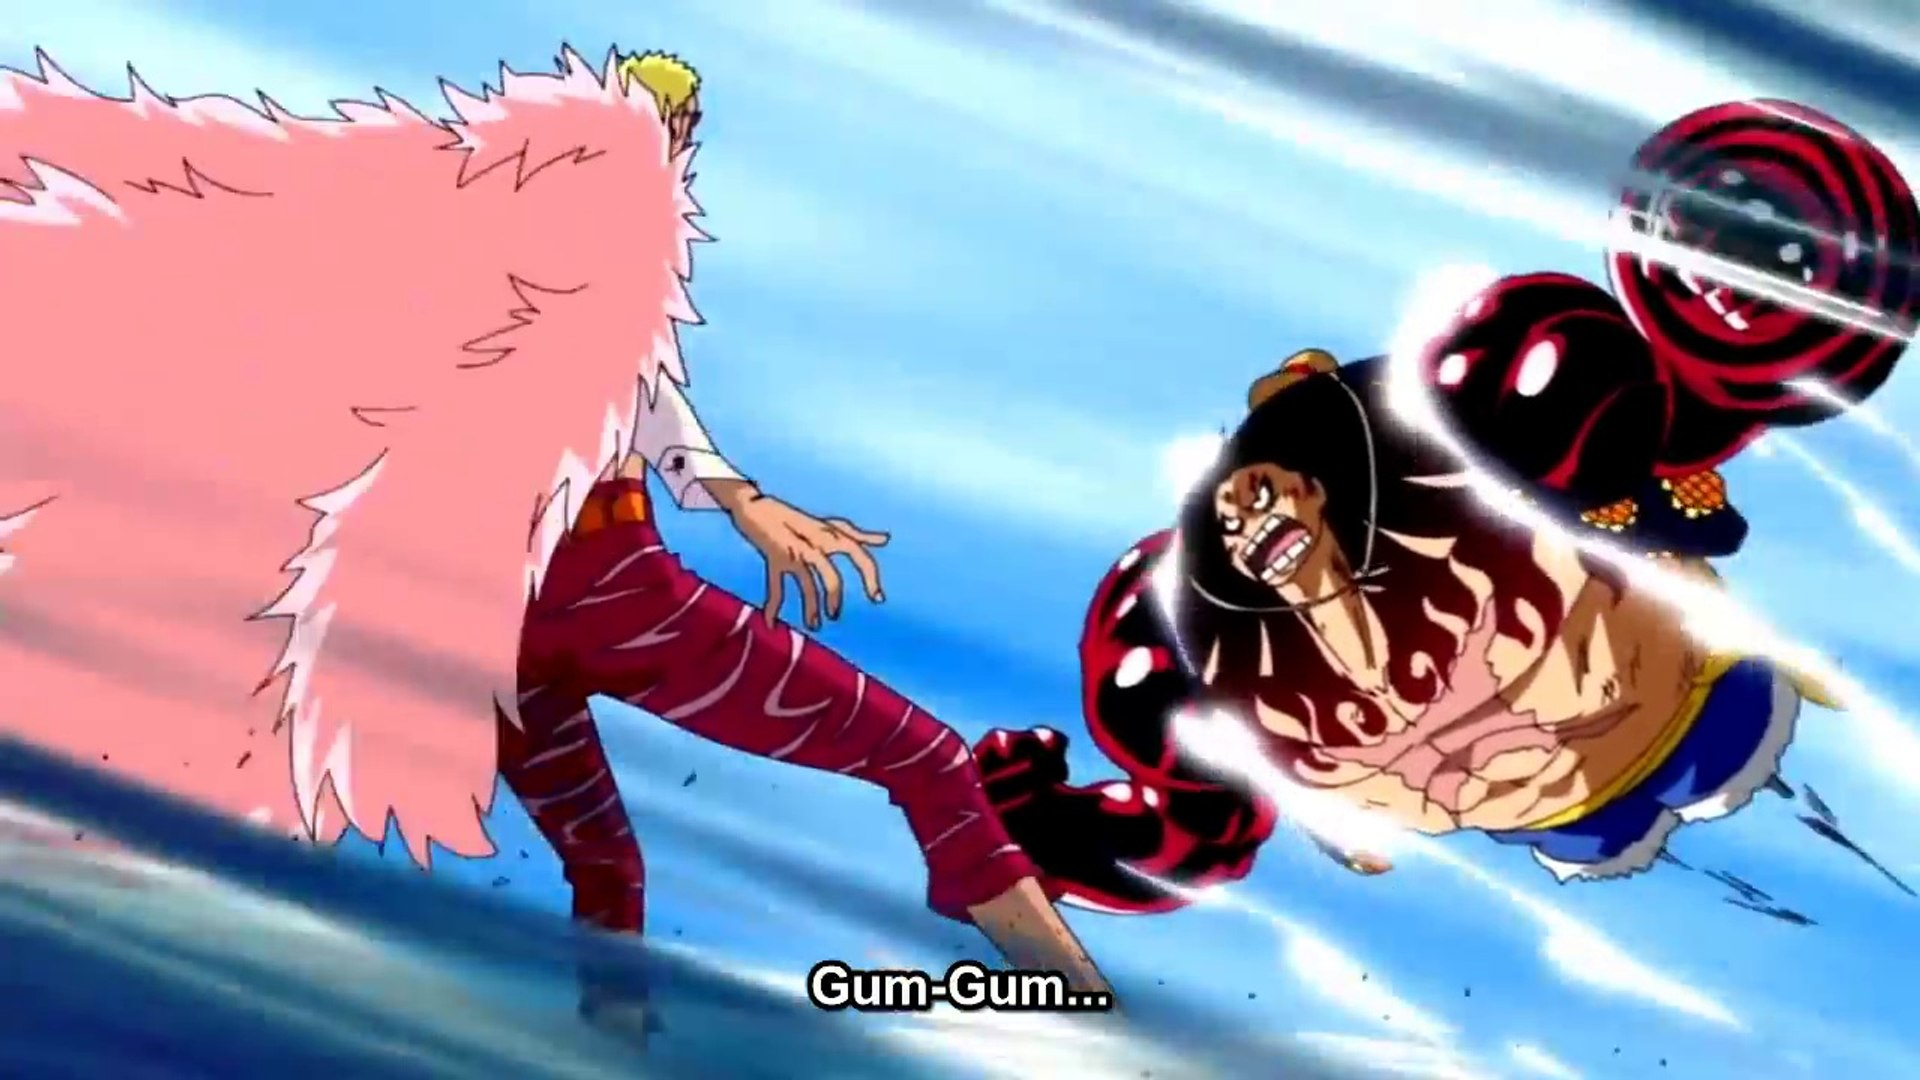 Play as fourth gear luffy! Gear Fourth Luffy Vs Doflamingo Full Fight Hd Luffy Gear 4th Boundman Video Dailymotion